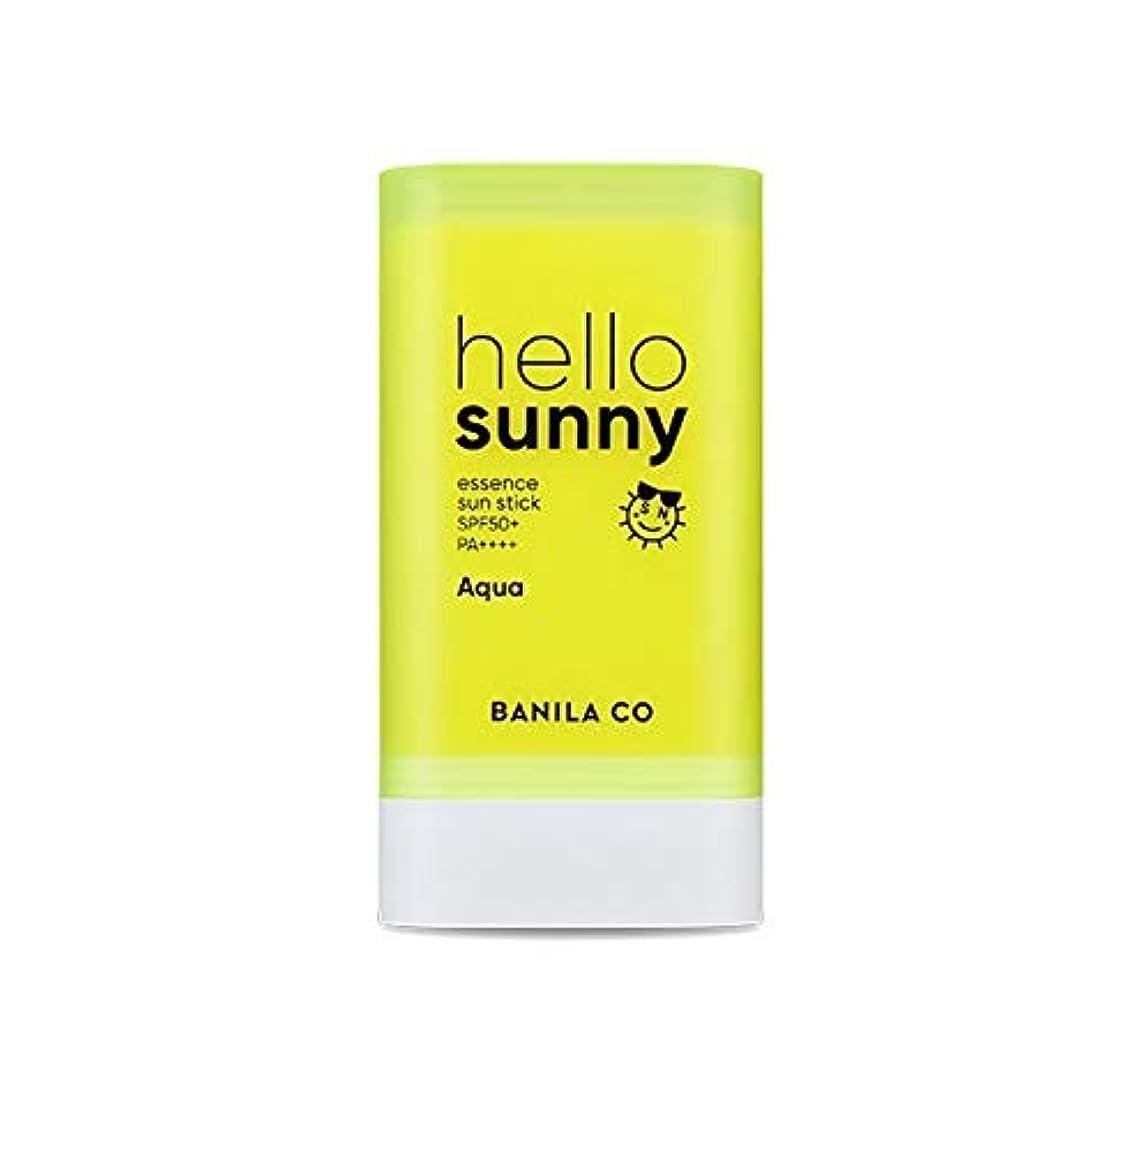 笑適合しました分注するbanilaco ハローサニーエッセンスサンスティックアクア/Hello Sunny Essence Sun Stick-Aqua 20g [並行輸入品]